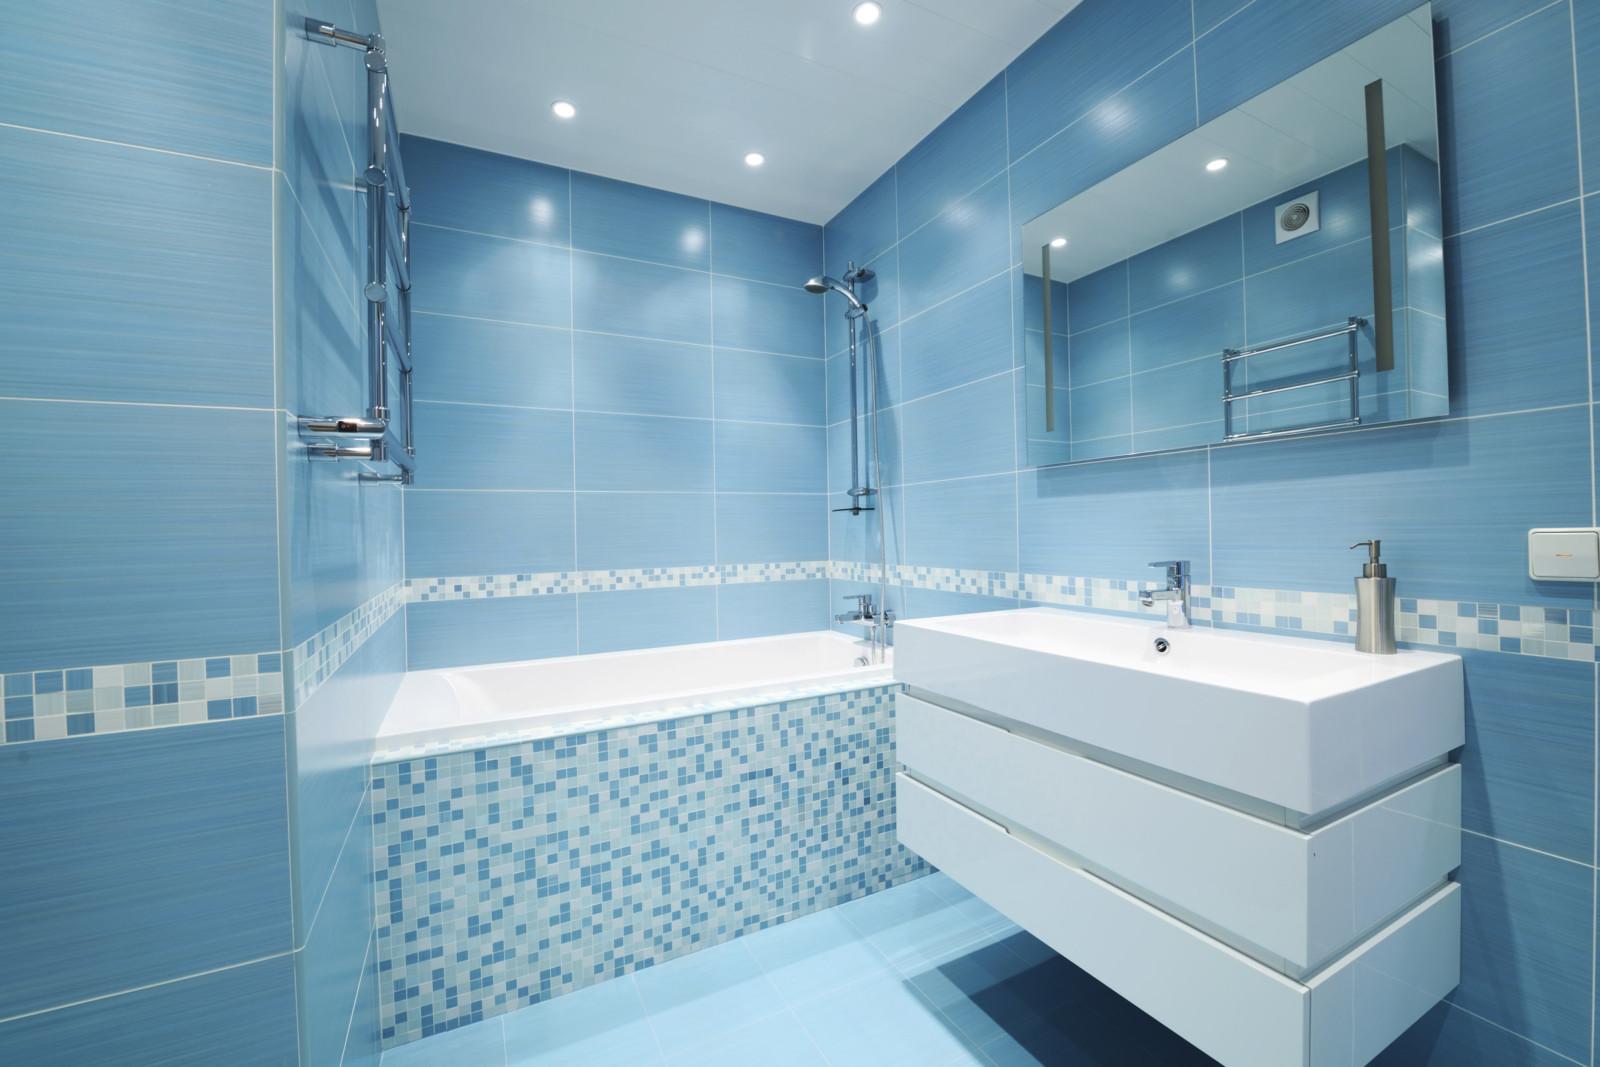 Полностью ремонт ванной комнаты подбор ванной мебели